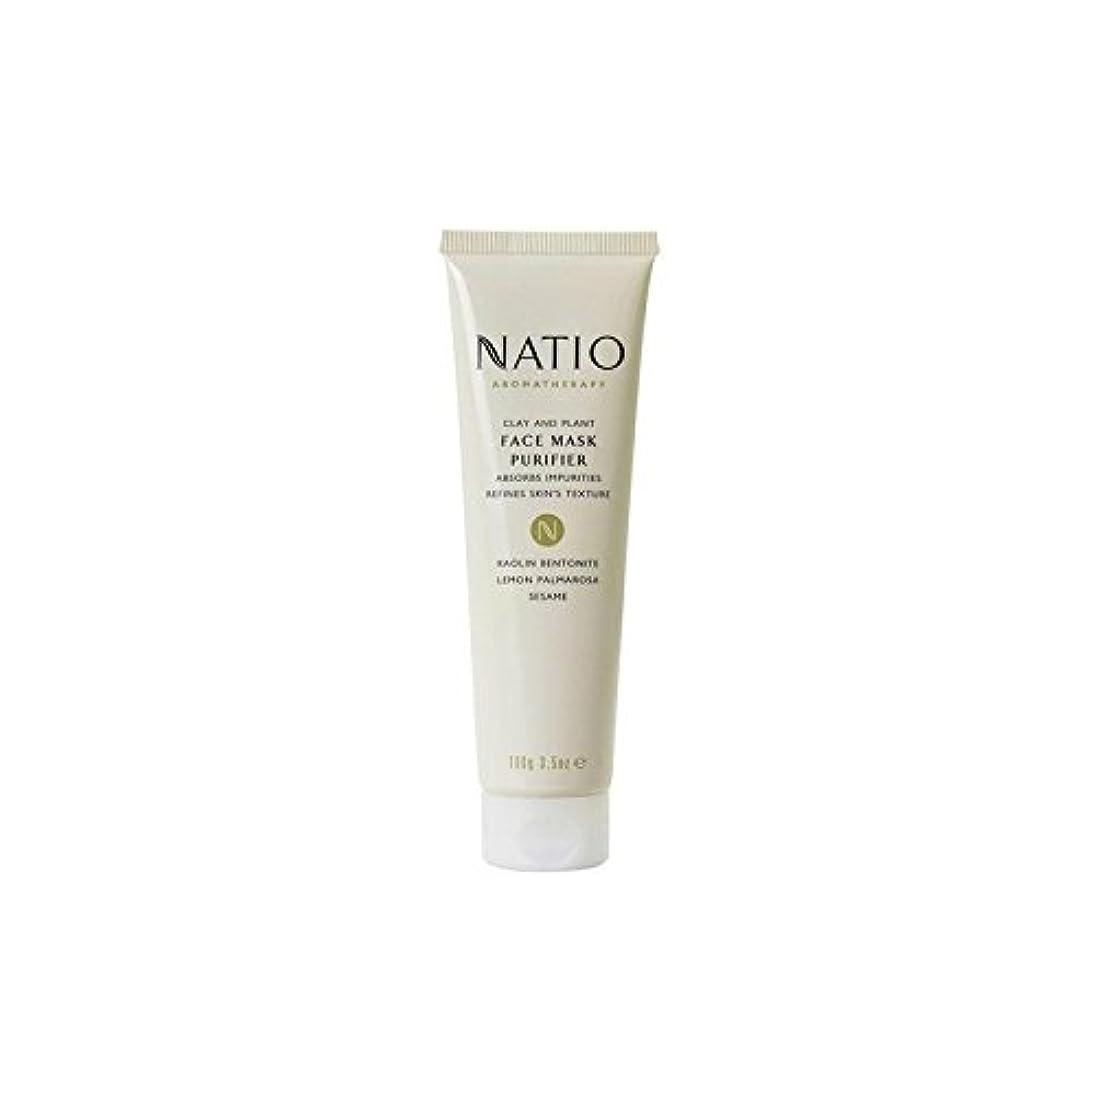 パウダー延ばす受け入れる粘土&植物フェイスマスクの浄化(100グラム) x4 - Natio Clay & Plant Face Mask Purifier (100G) (Pack of 4) [並行輸入品]